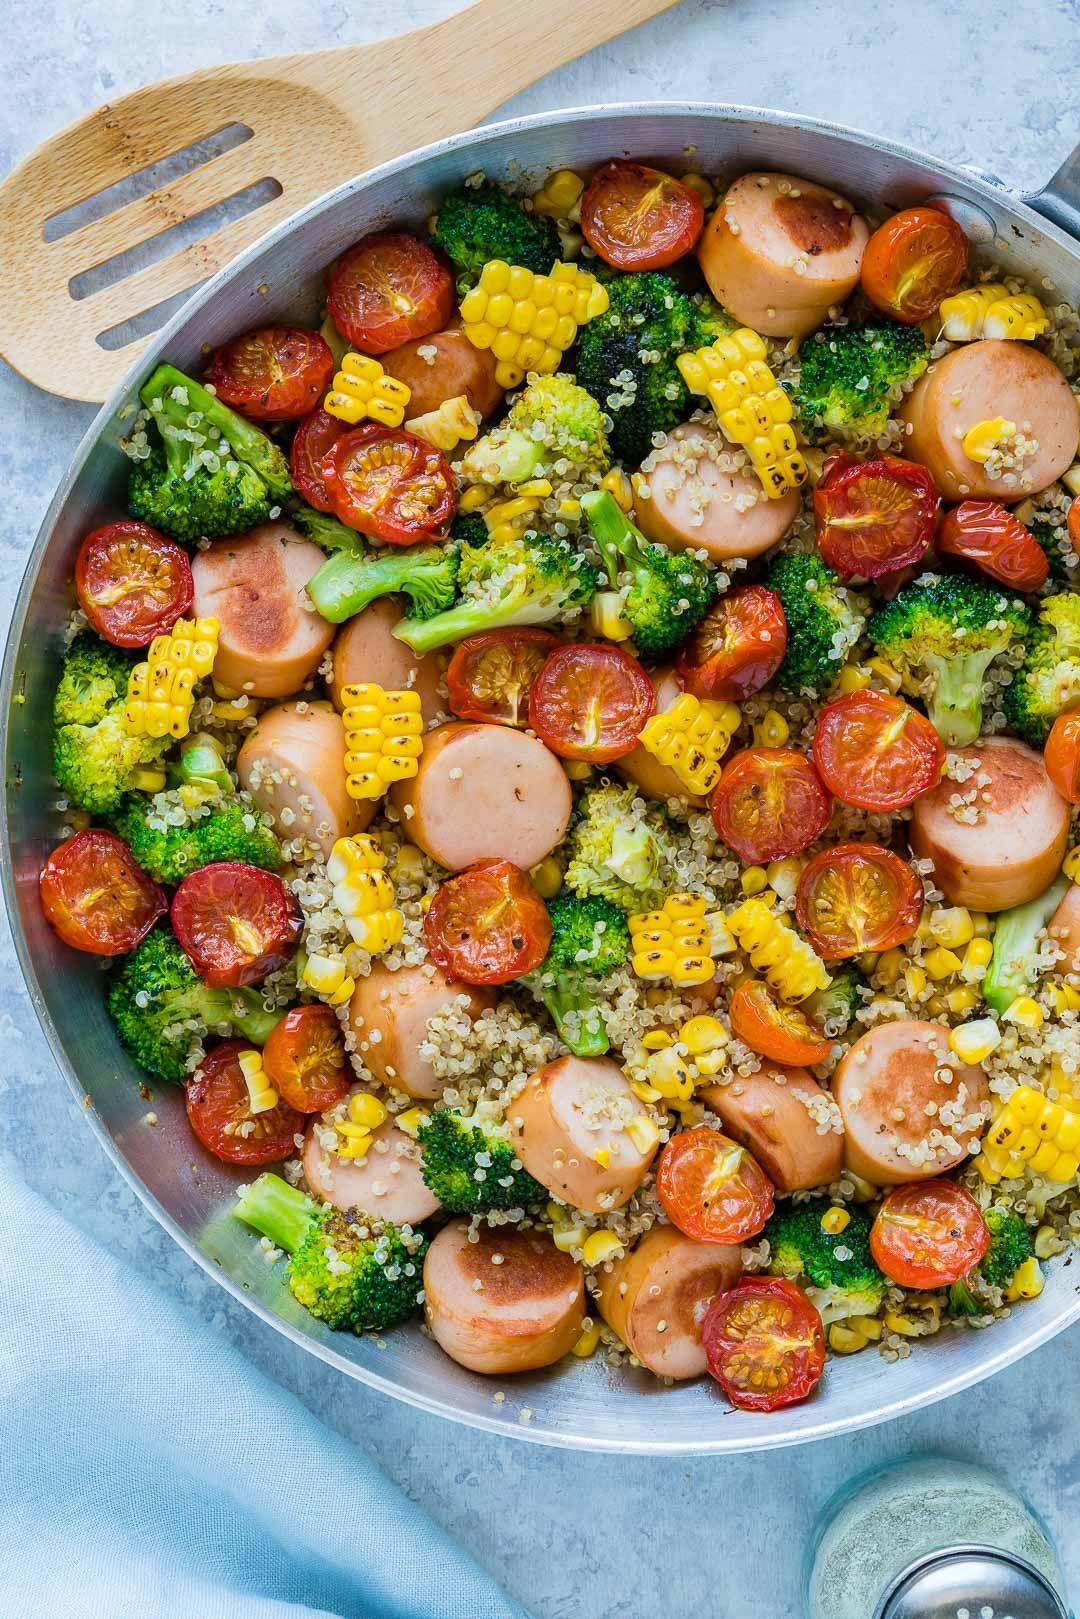 20 minute broccoli sausage quinoa skillet clean eating win 20 minute broccoli sausage quinoa skillet clean eating win clean food forumfinder Gallery